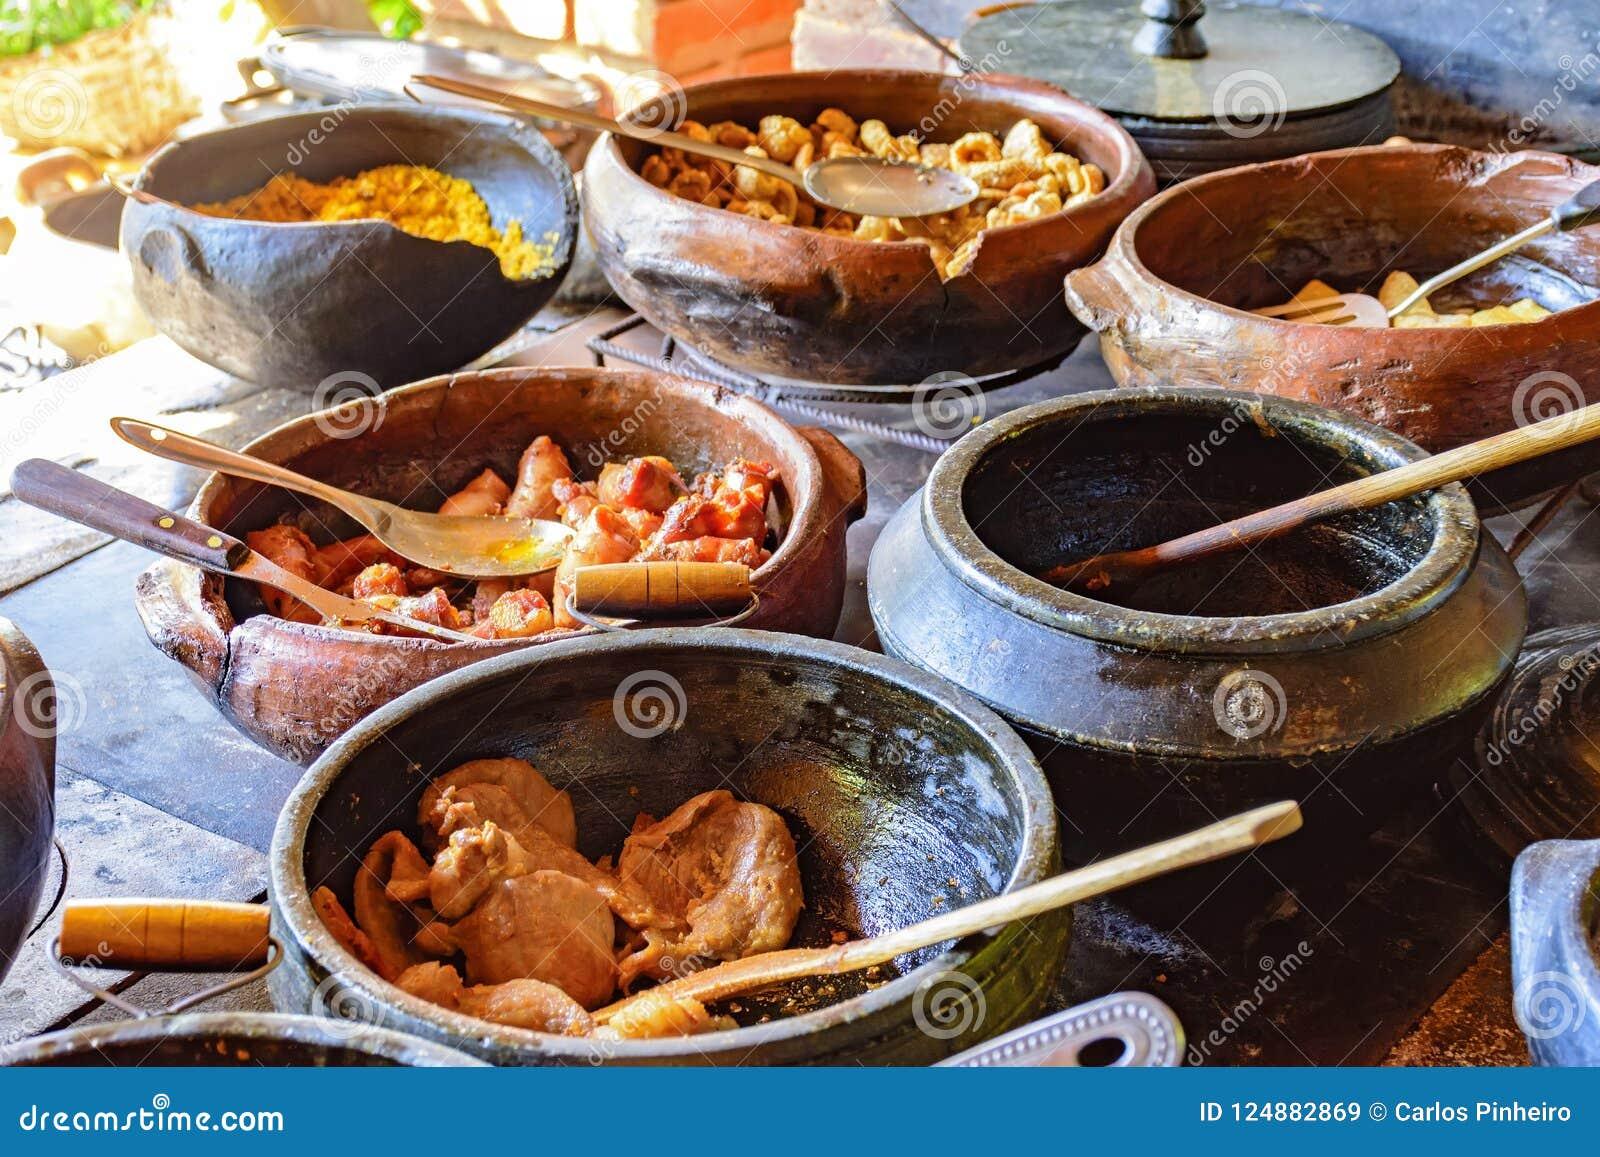 Alimento brasileiro tradicional que está sendo preparado em uns potenciômetros de argila